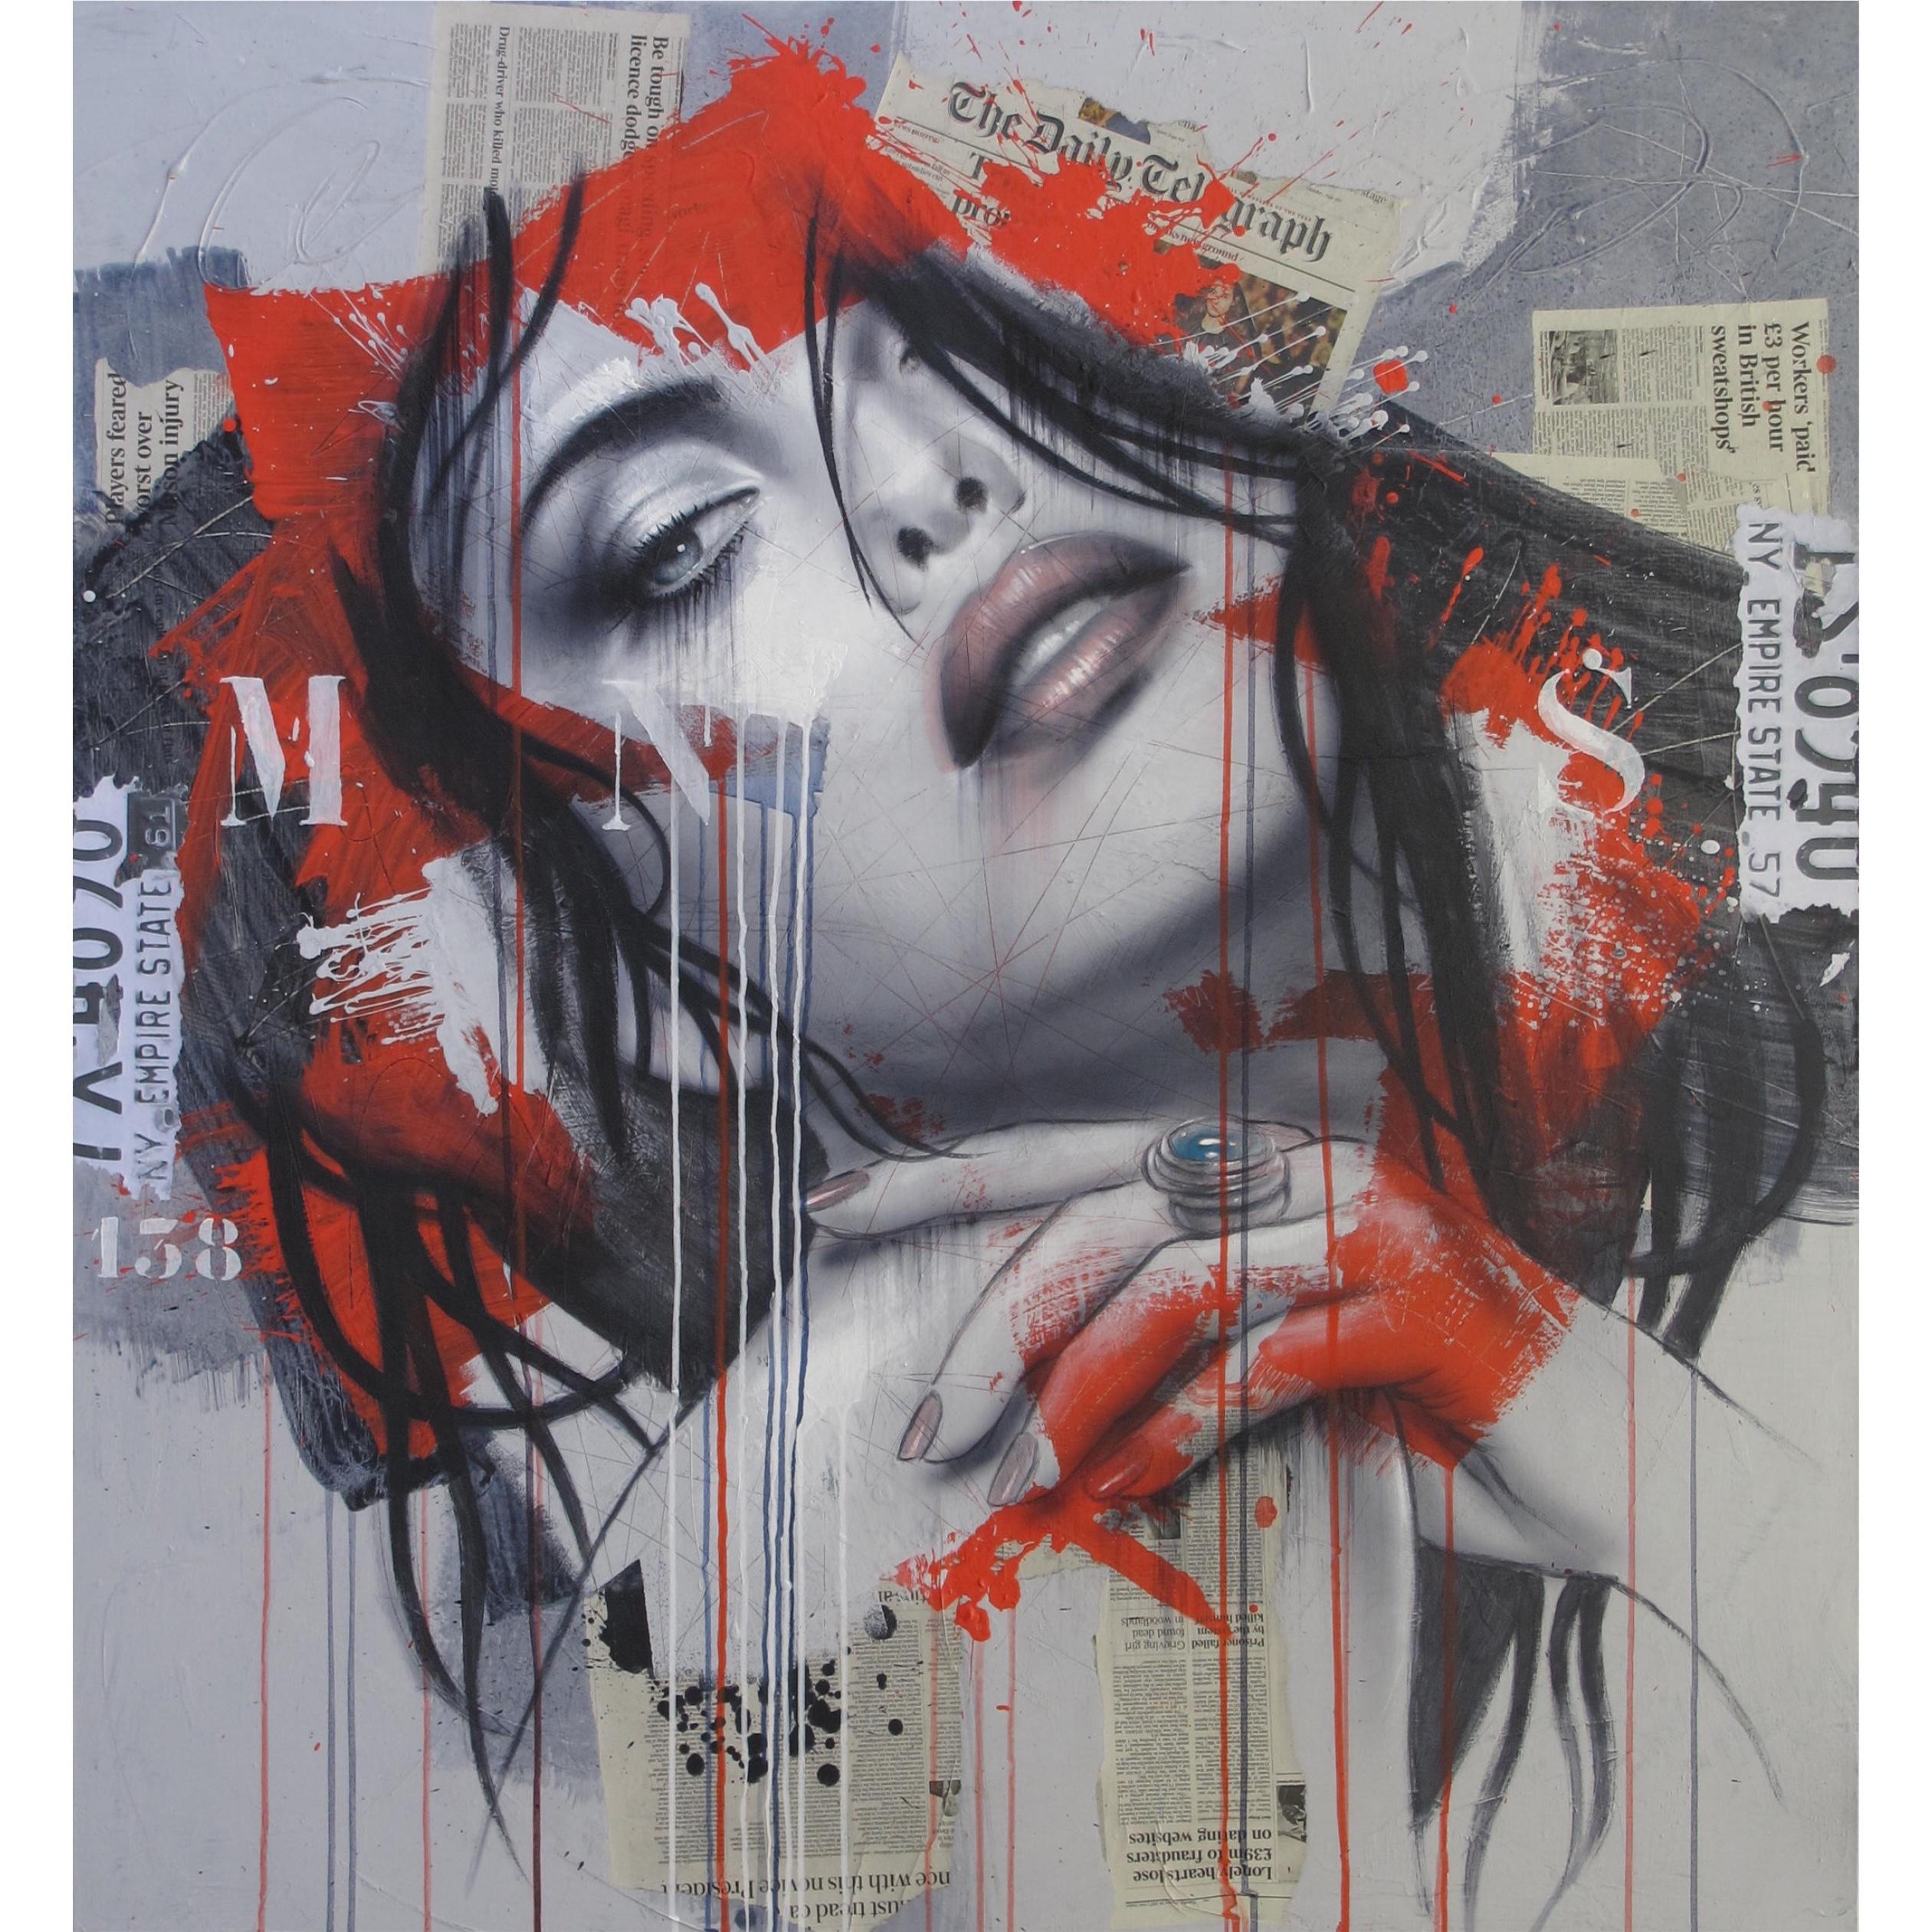 Hans Jochem Bakker schilderij 'Morning sound'